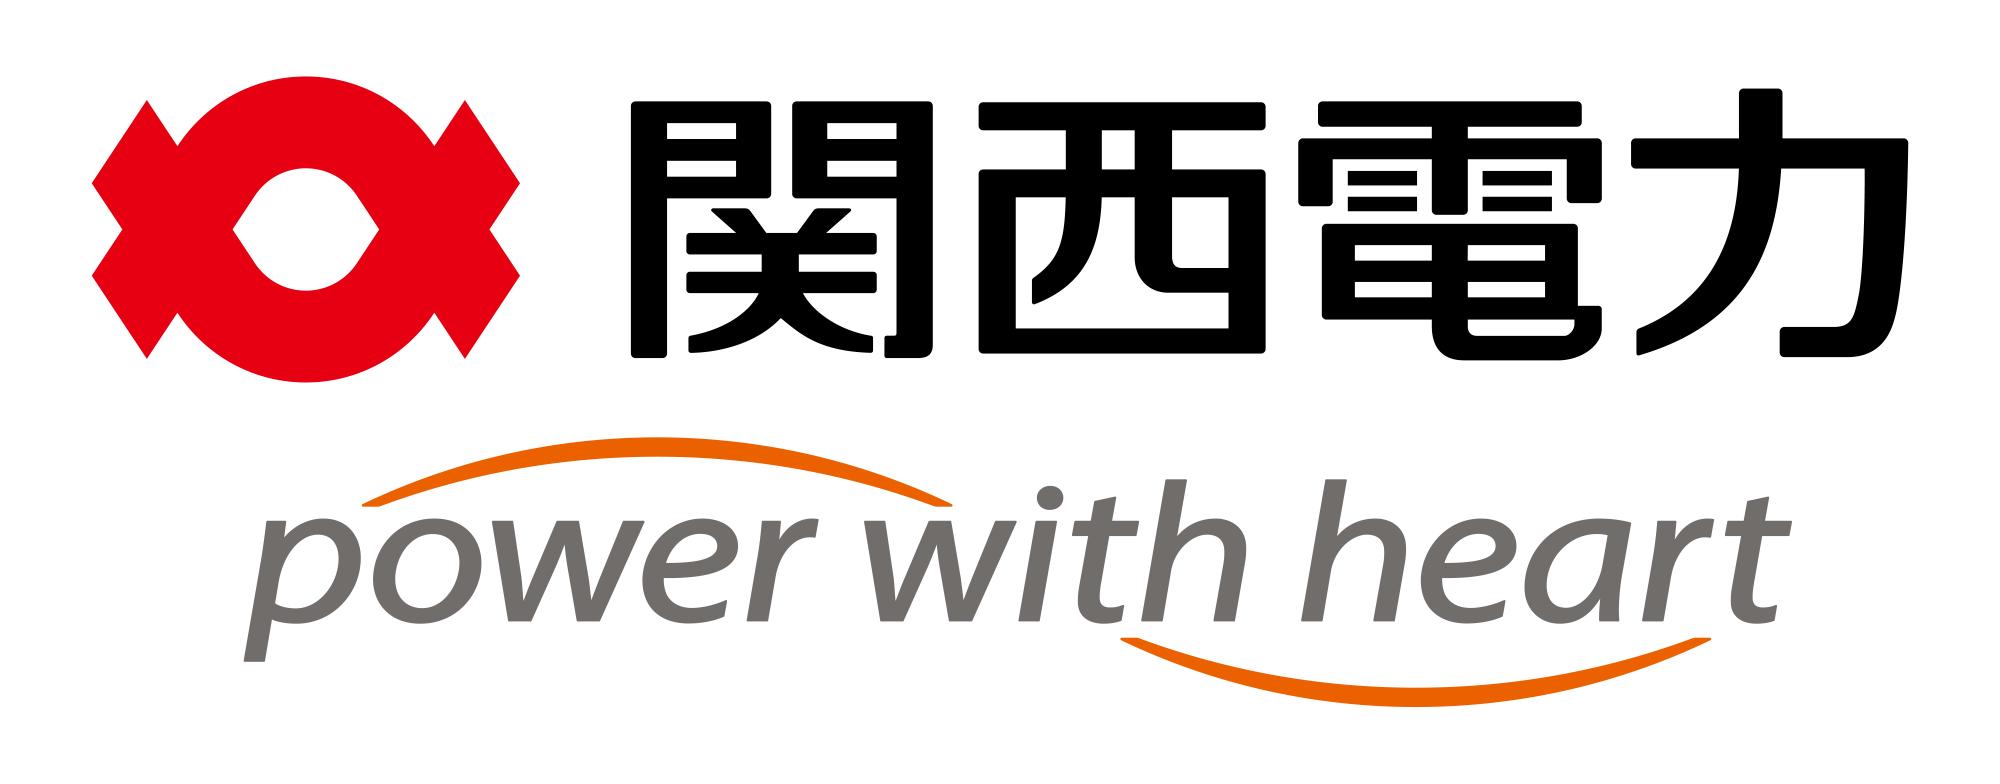 関西電力の新卒採用・選考情報 |...